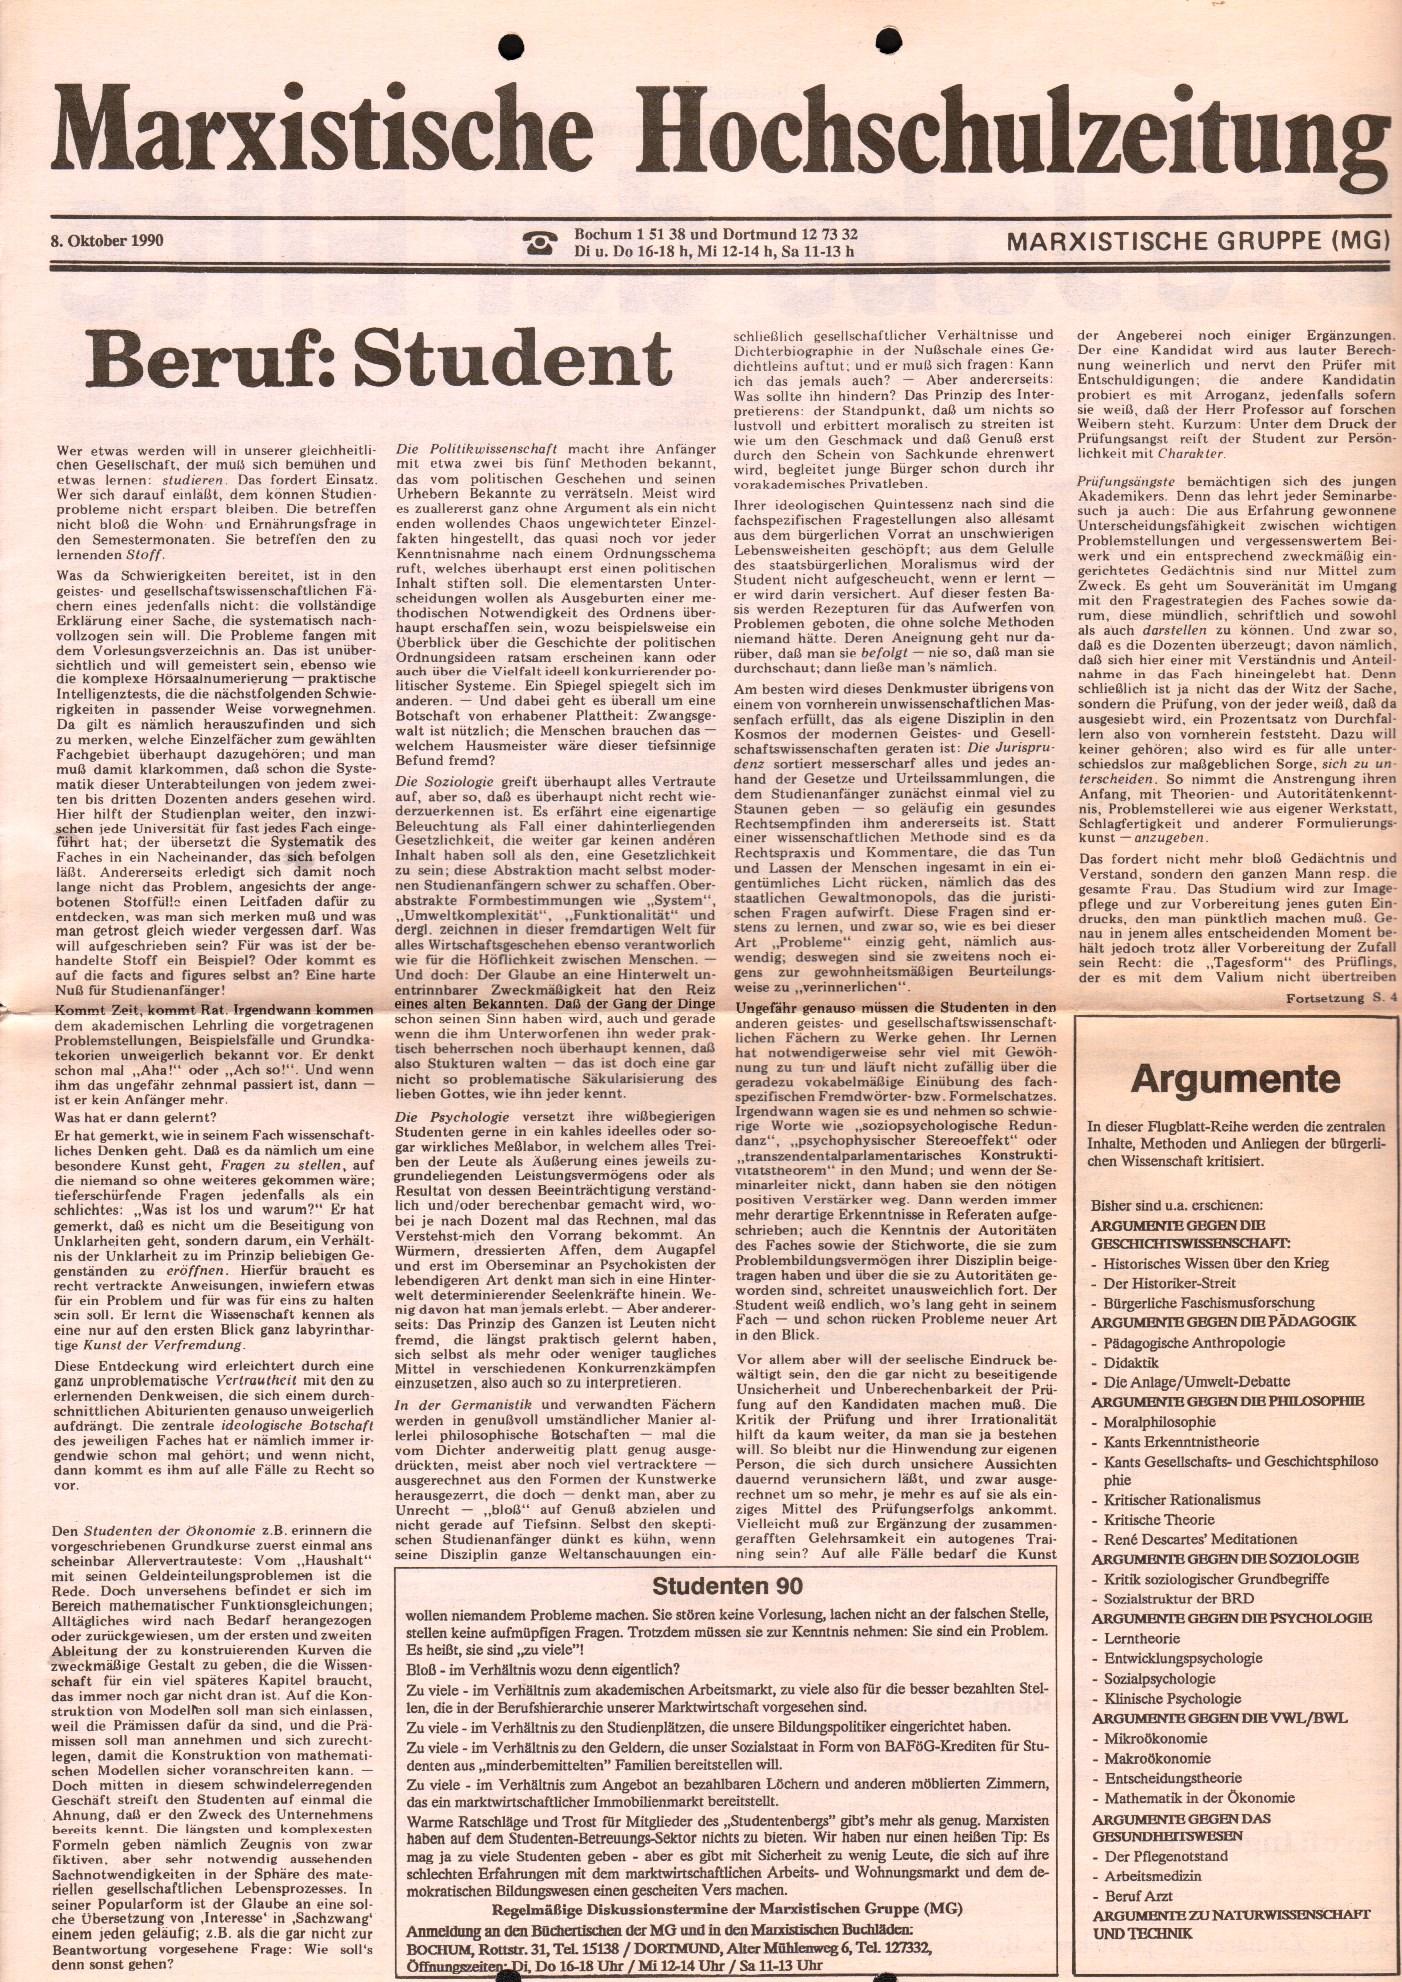 Ruhrgebiet_MG_Marxistische_Hochschulzeitung_19901008_01